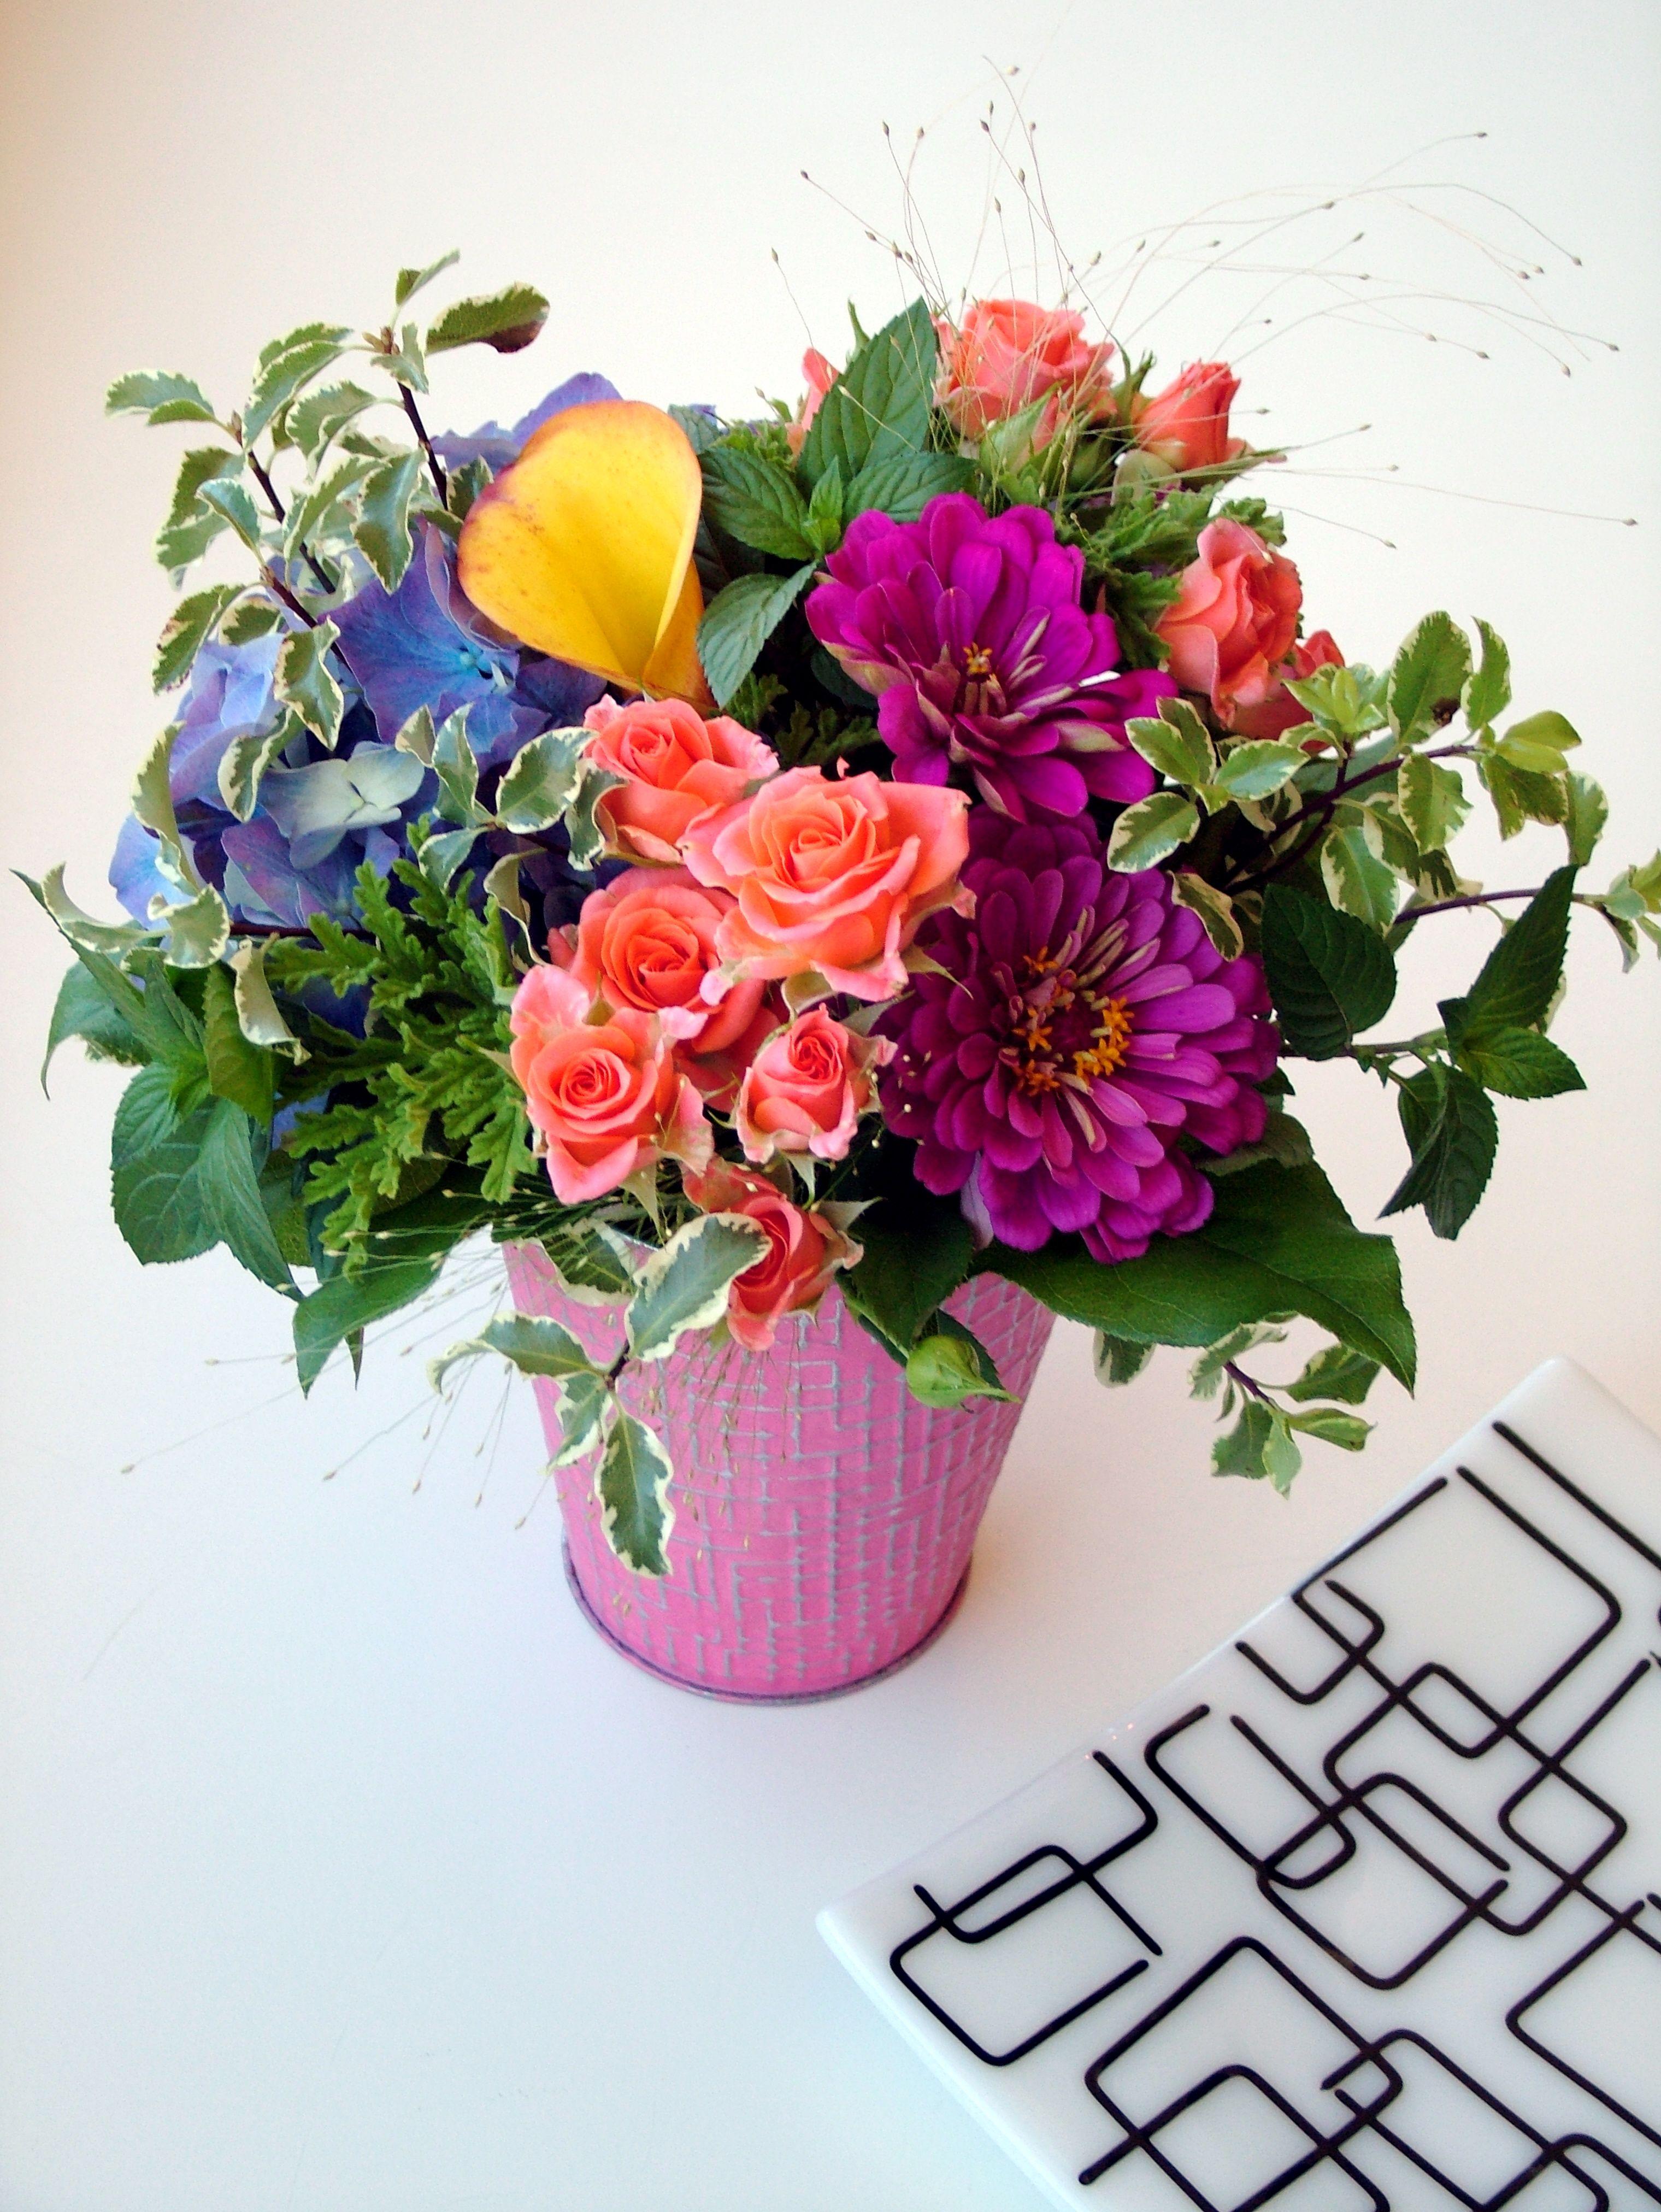 Hydrangea, Calla Lily, Spray Rose, and Zinnia